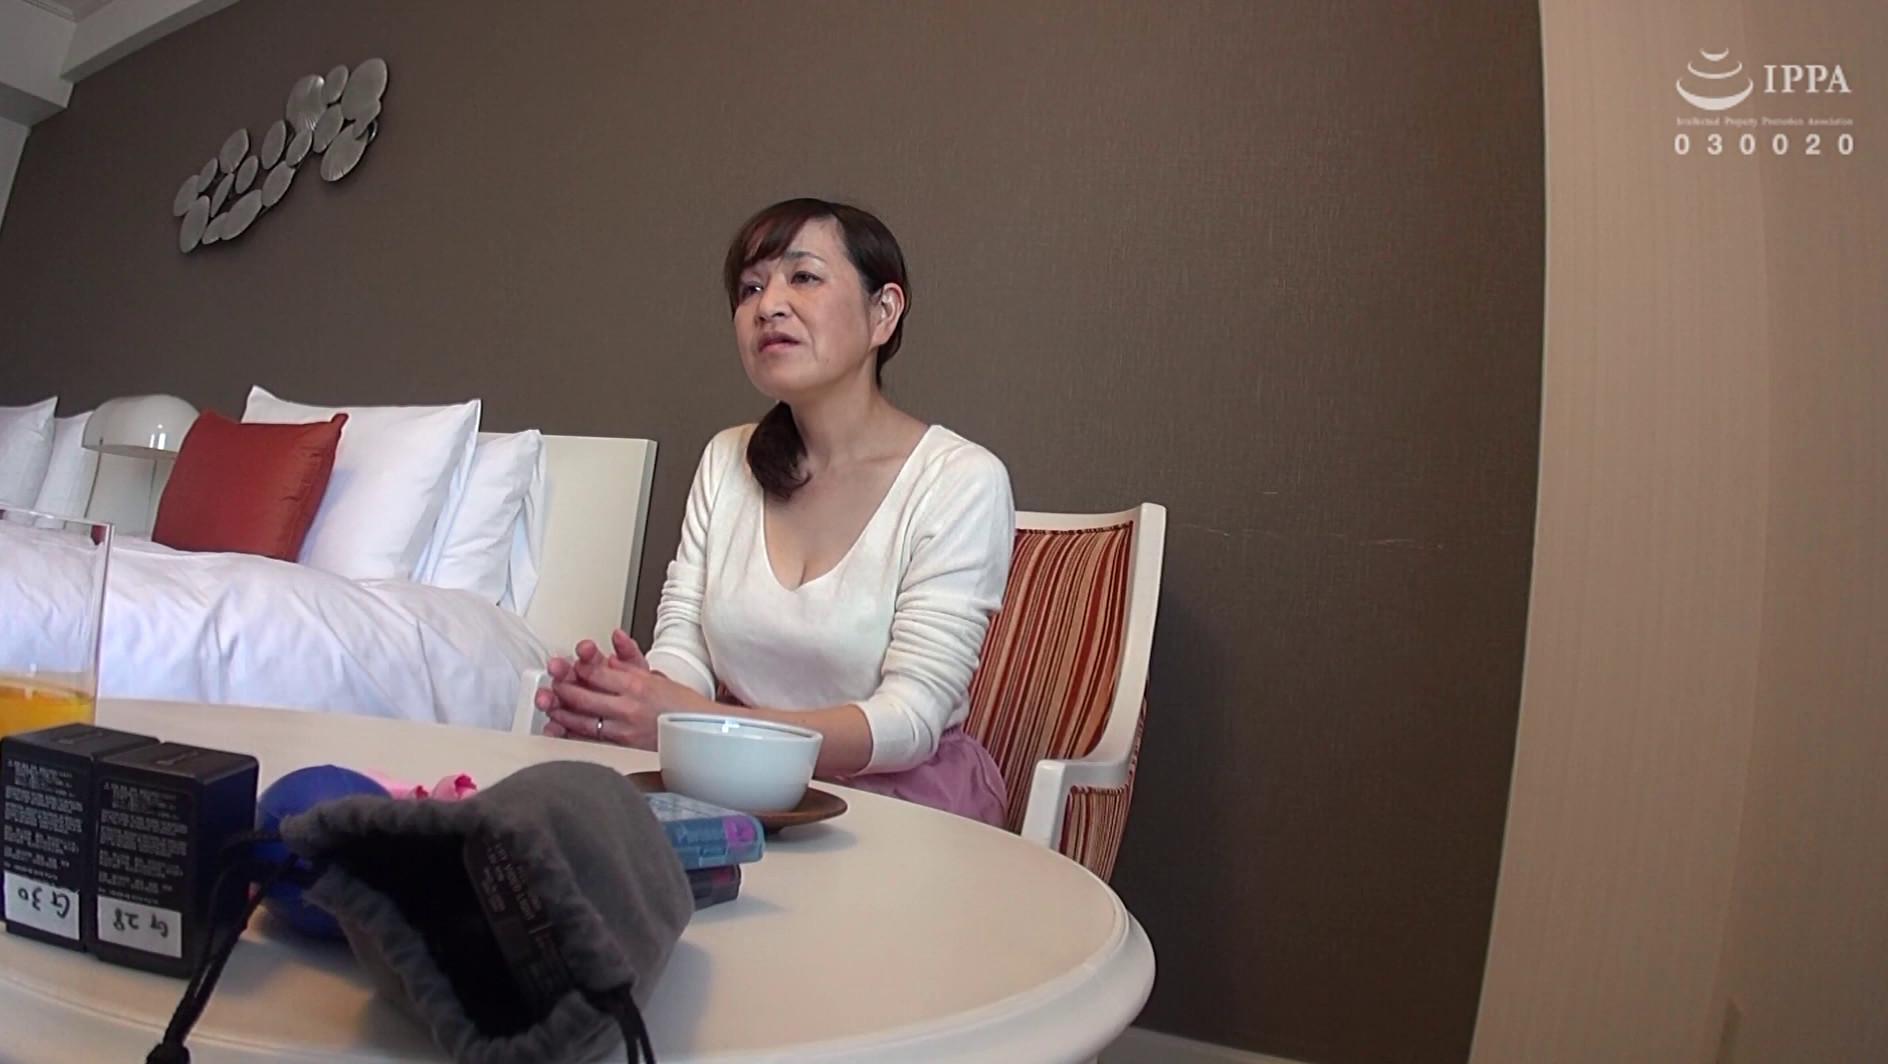 【素人熟女】エロ画像をどんどん集めろ!その163 [無断転載禁止]©bbspink.com->画像>634枚